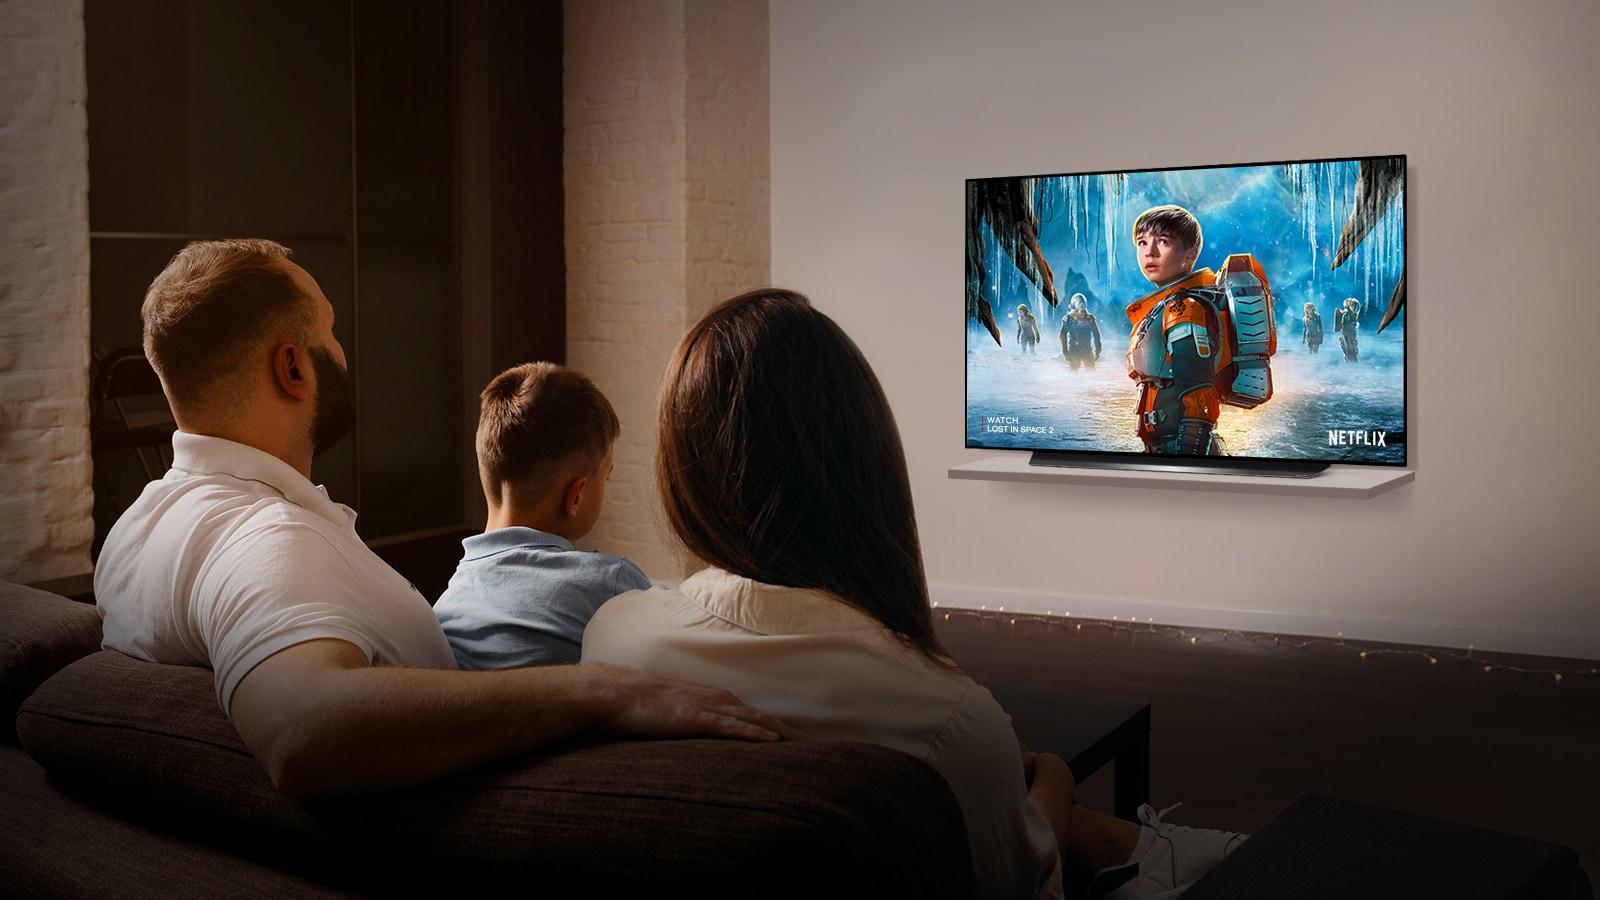 Una pareja sentada en el sofá de un salón mirando una película romántica en el televisor